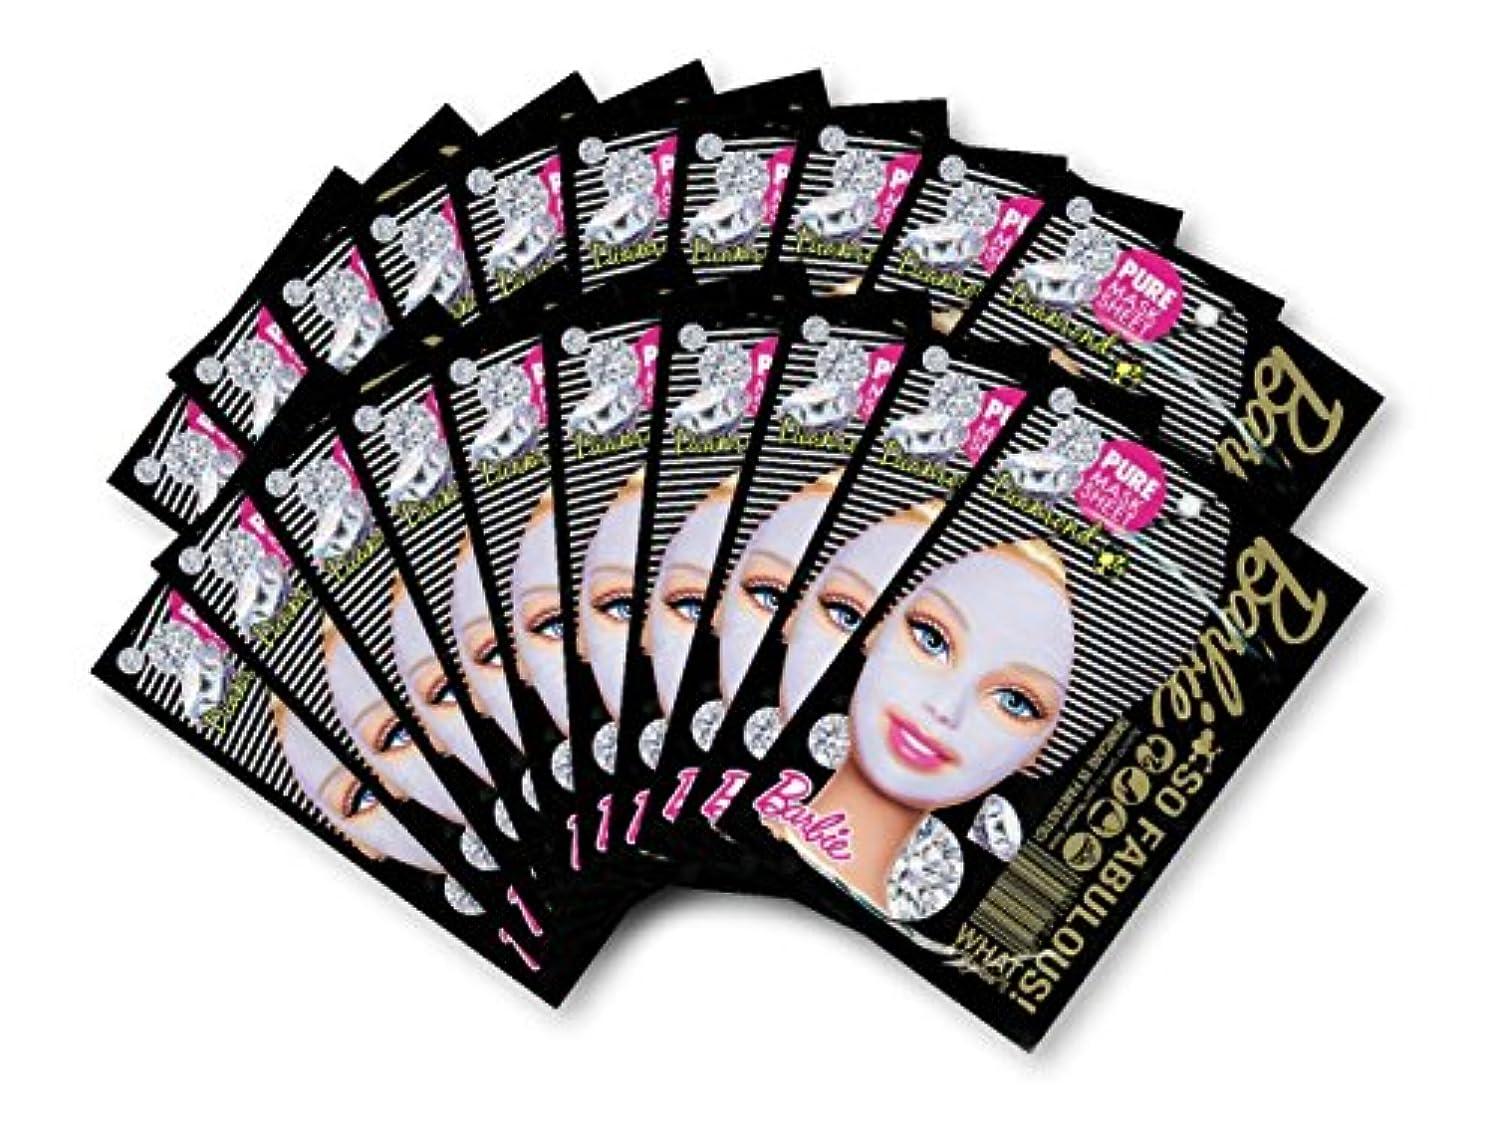 トロピカル南摘むバービー (Barbie) フェイスマスク ピュアマスクシートN (ダイアモンド) 25ml×20枚入り [保湿] 顔 シートマスク フェイスパック